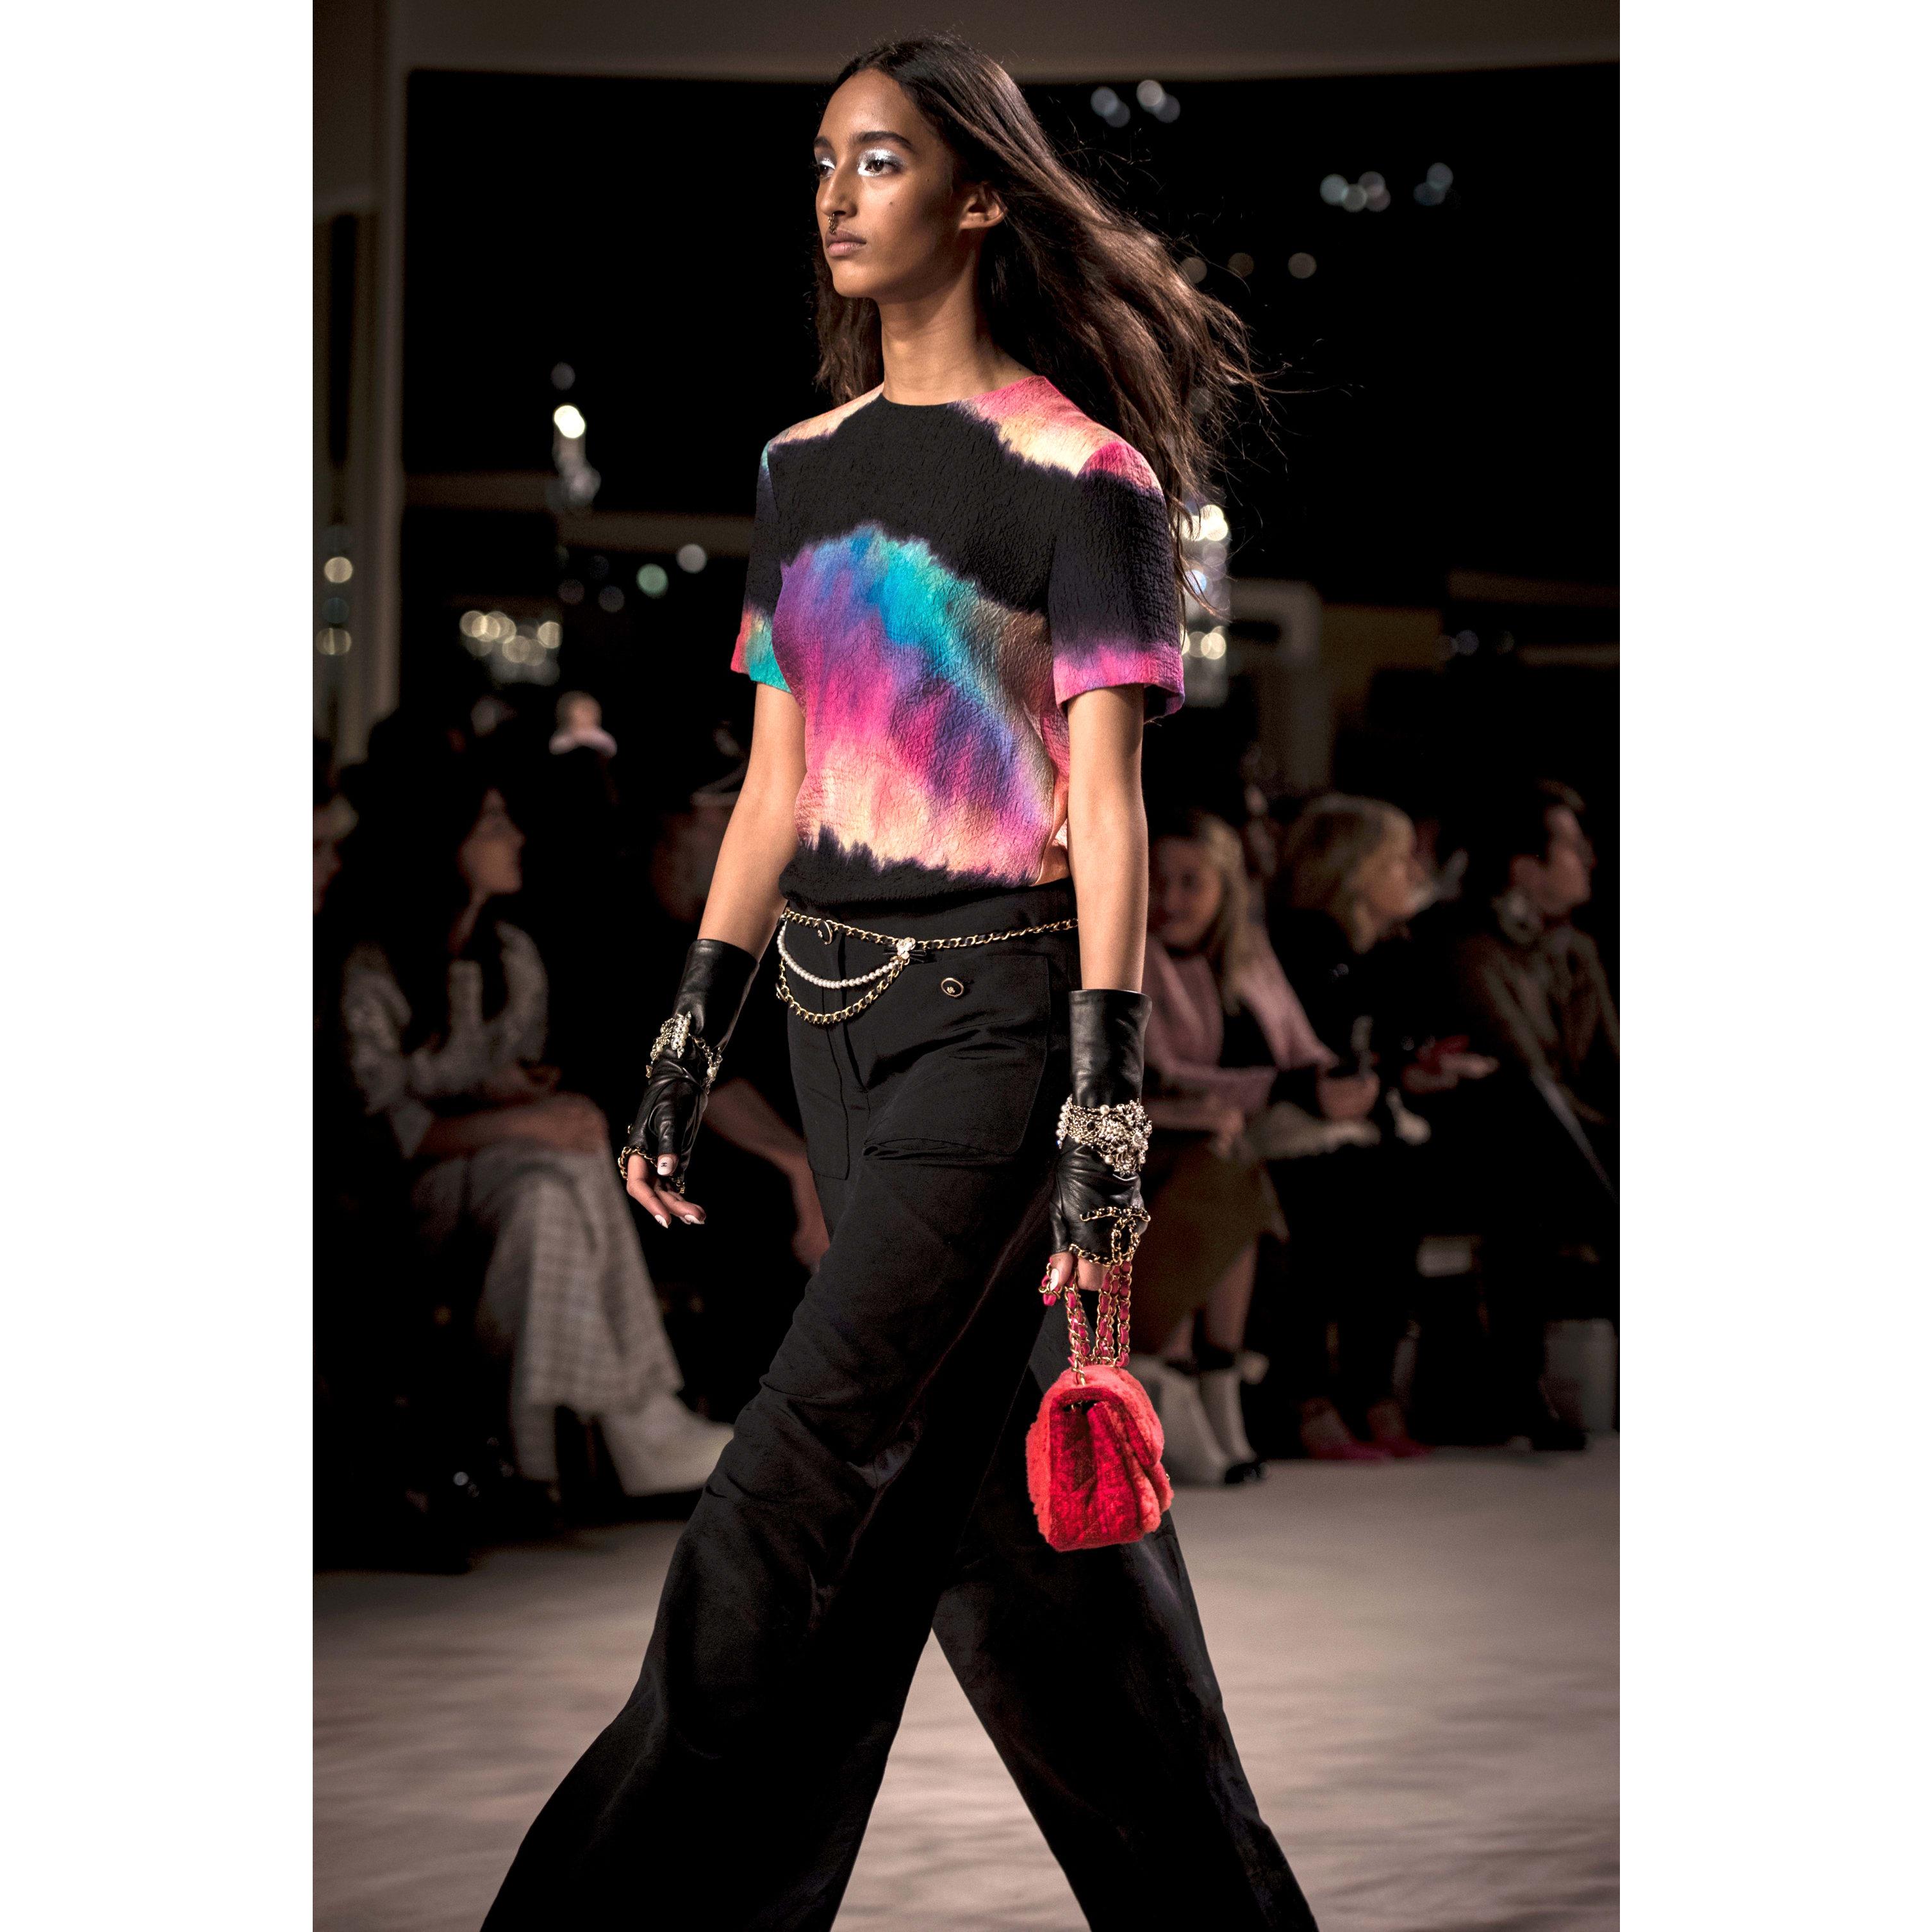 กางเกงขายาว - สีดำ - ผ้าคอตตอนและผ้าไหม - CHANEL - มุมมองทางอื่น - ดูเวอร์ชันขนาดมาตรฐาน